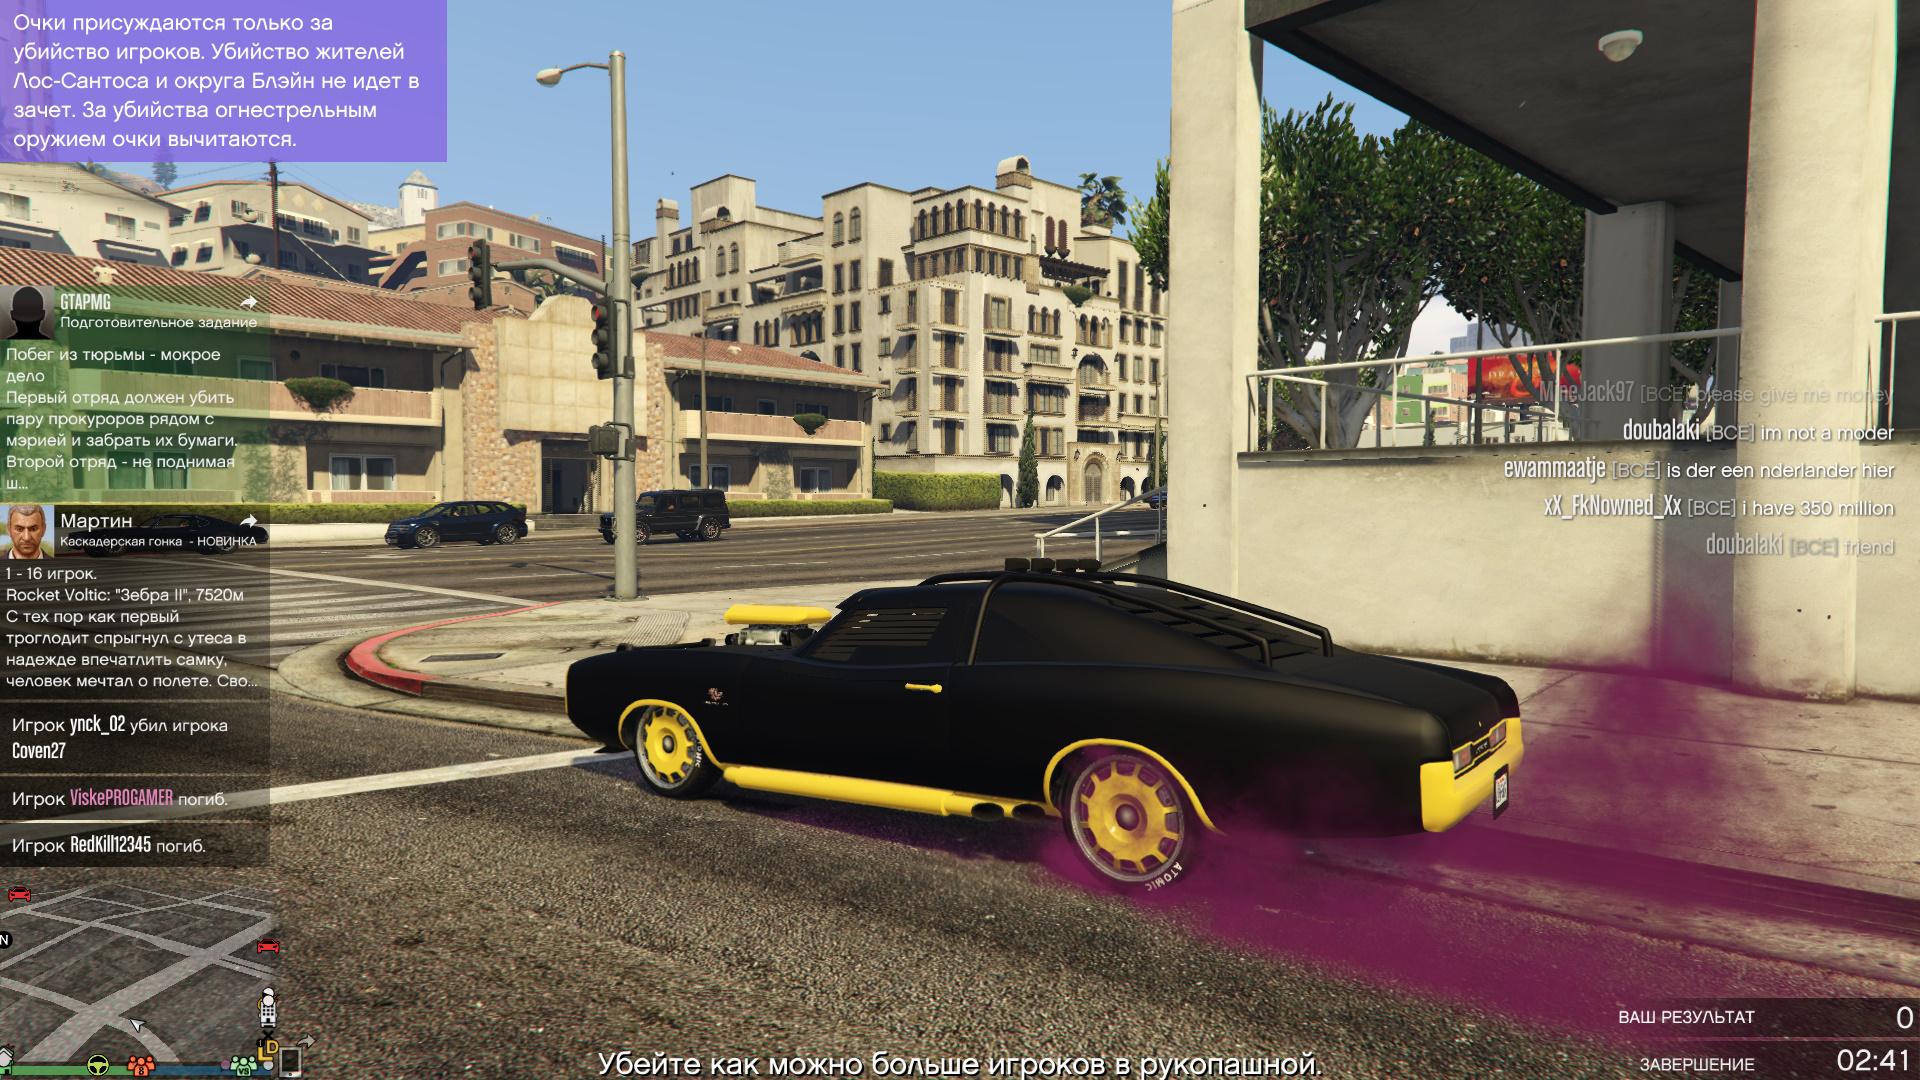 GTA5 2017-04-18 21-55-21-913.jpg - Grand Theft Auto 5 Открытый мир